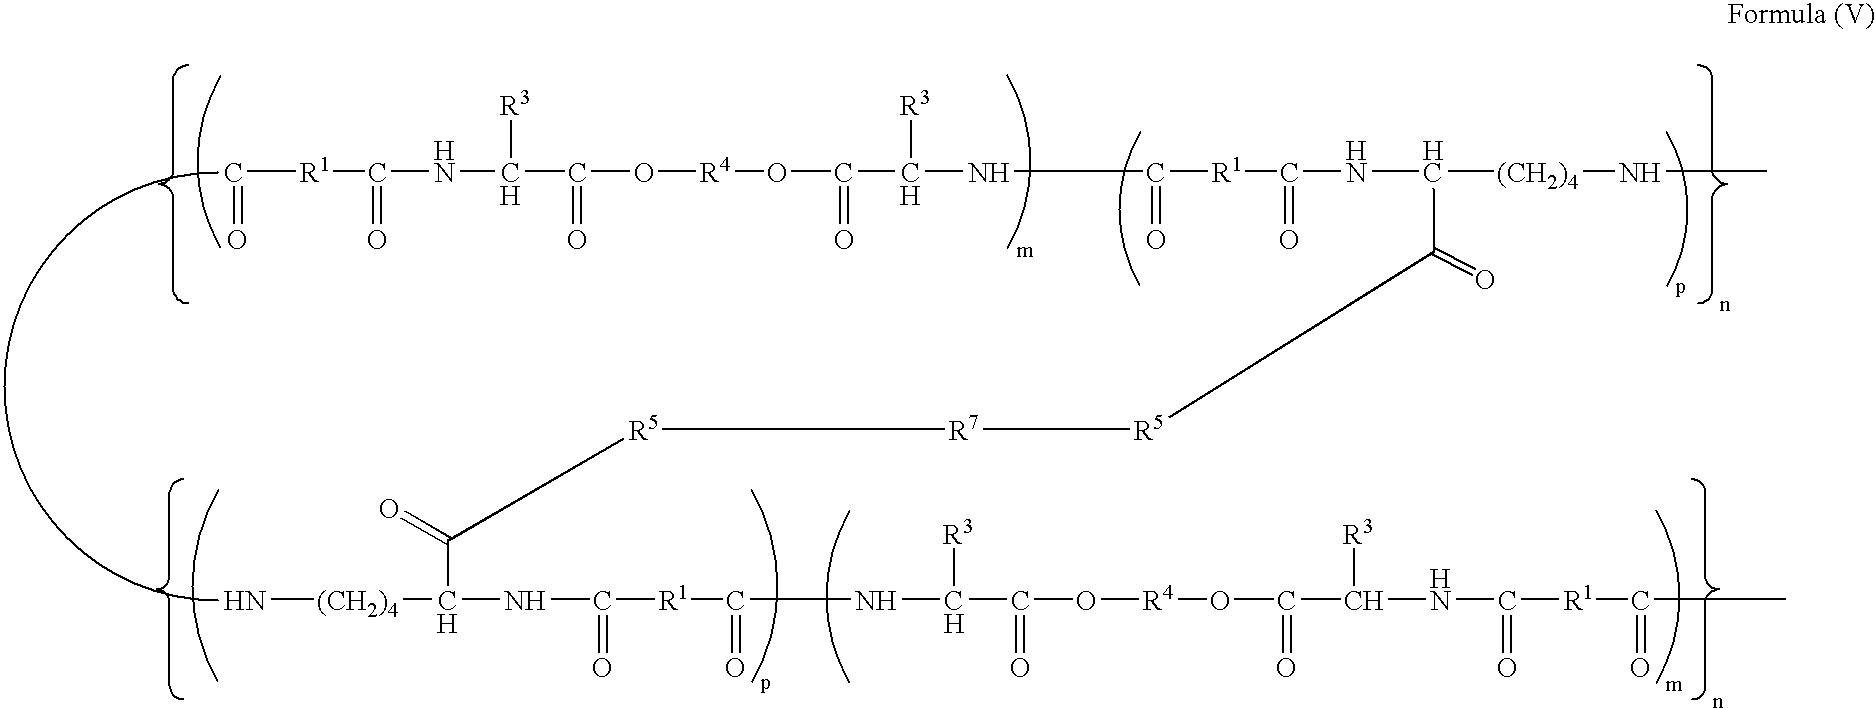 Figure US20060013855A1-20060119-C00011